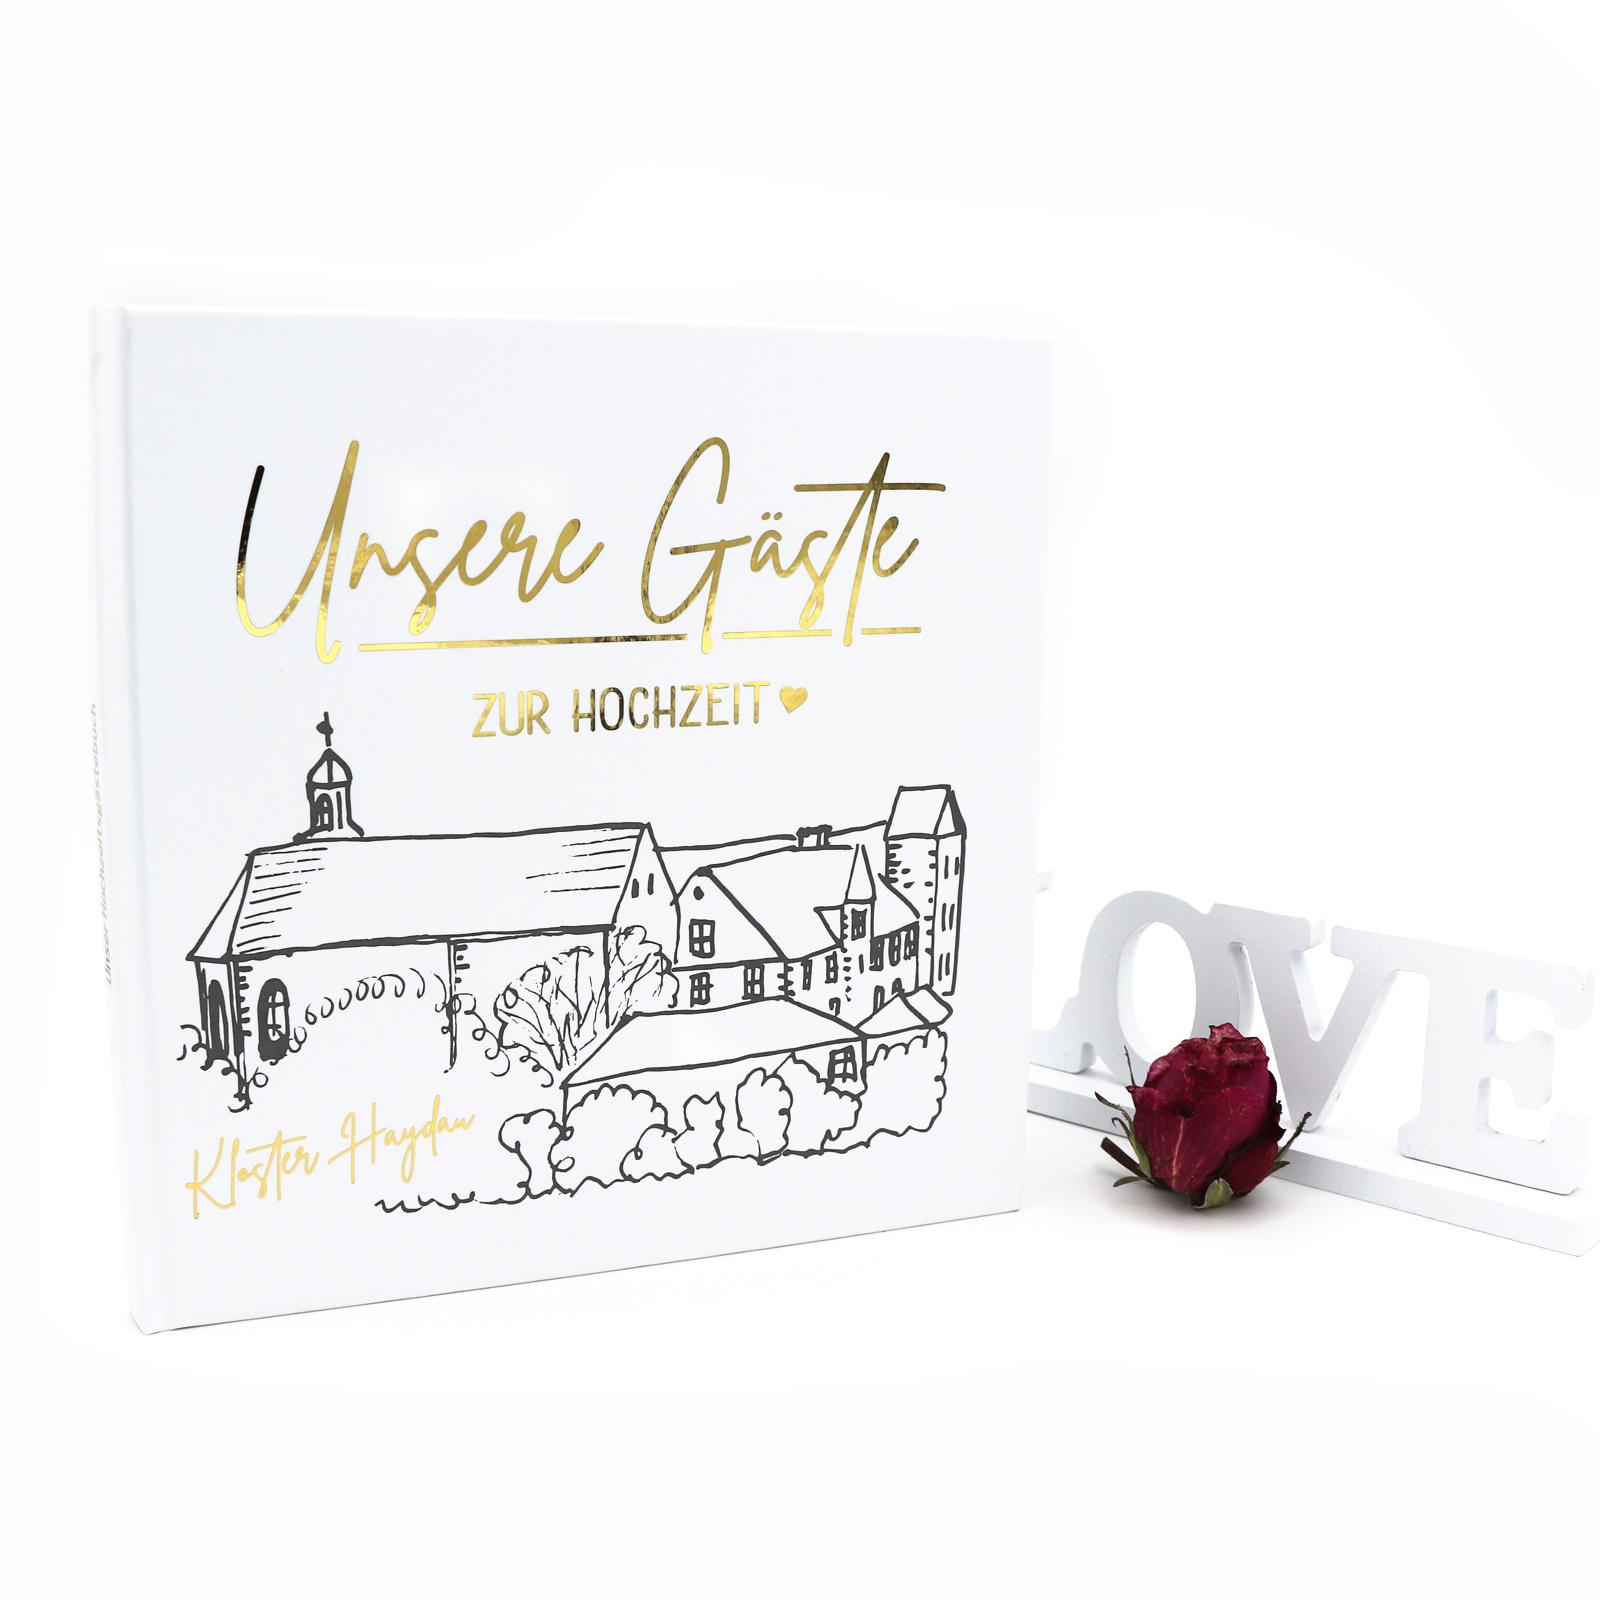 Gästebuch Hochzeit mit Fragen >Kloster Haydau Edition< - Hardcover + Fadenheftung - Gold Heissfolie